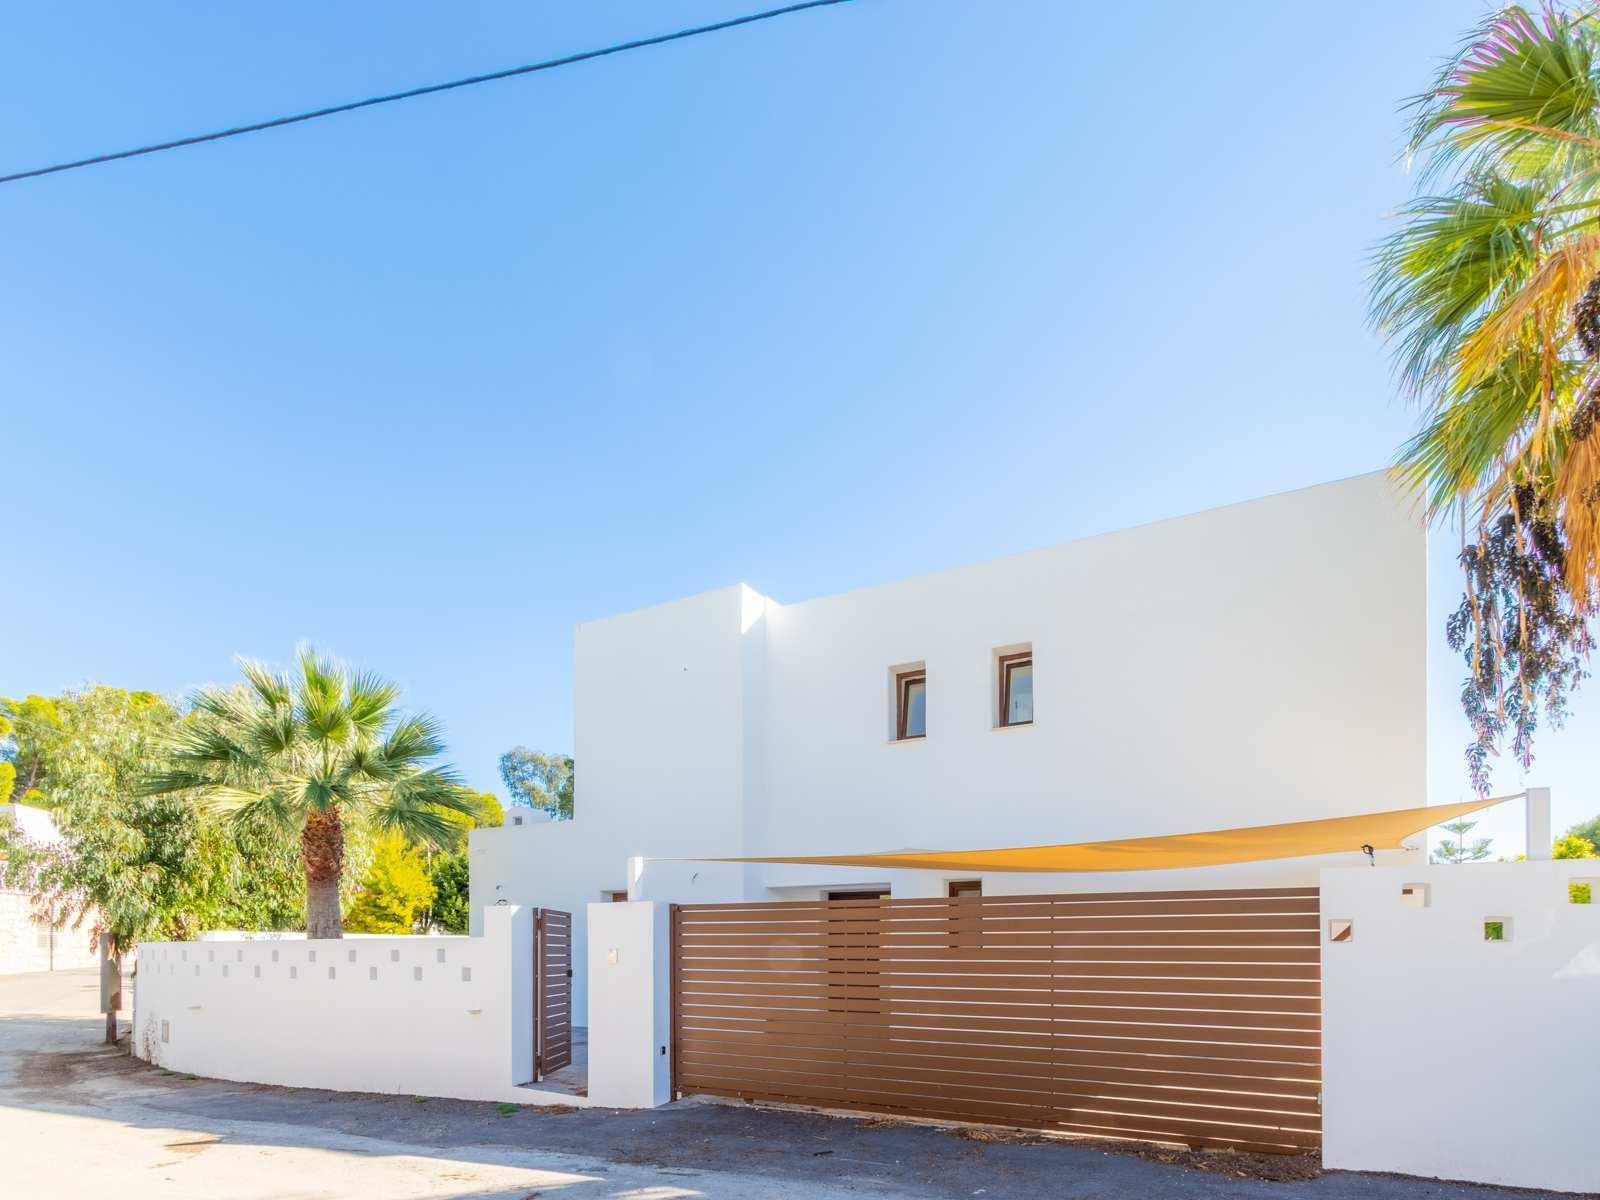 Fotogalería - 32 - Olea-Home | Real Estate en Orba y Teulada-Moraira |